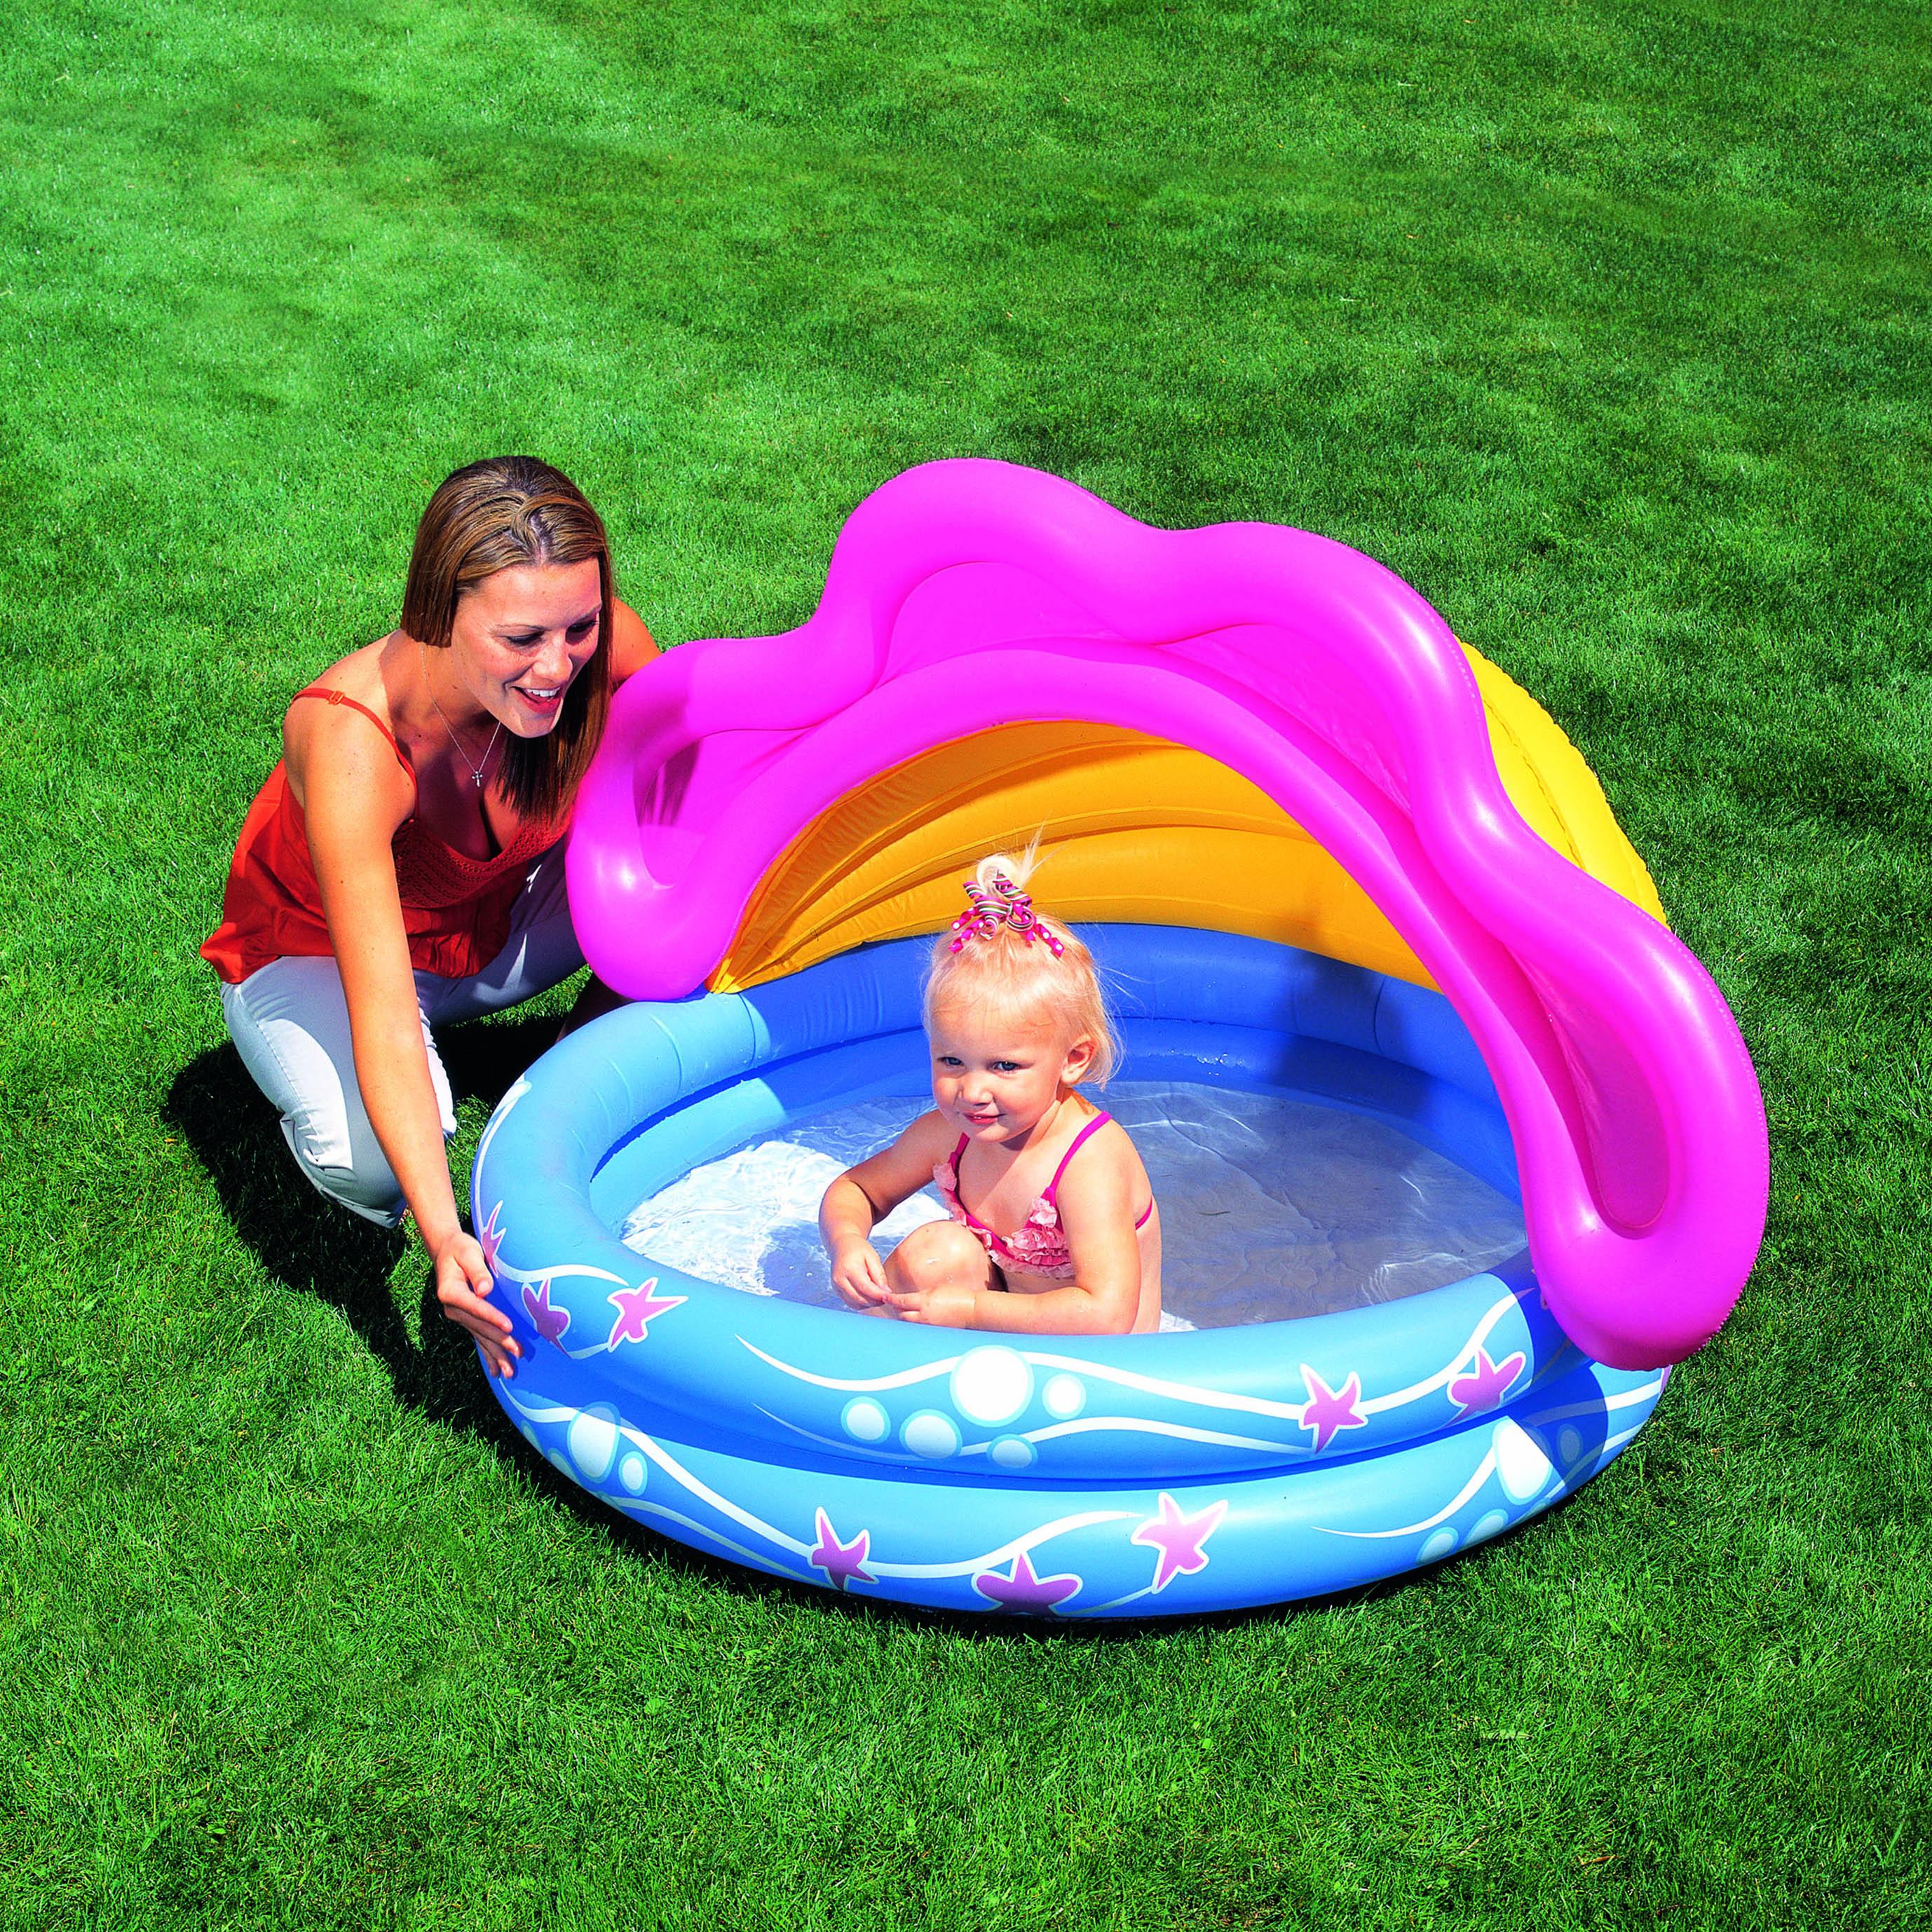 Бассейн для детей фото и цены